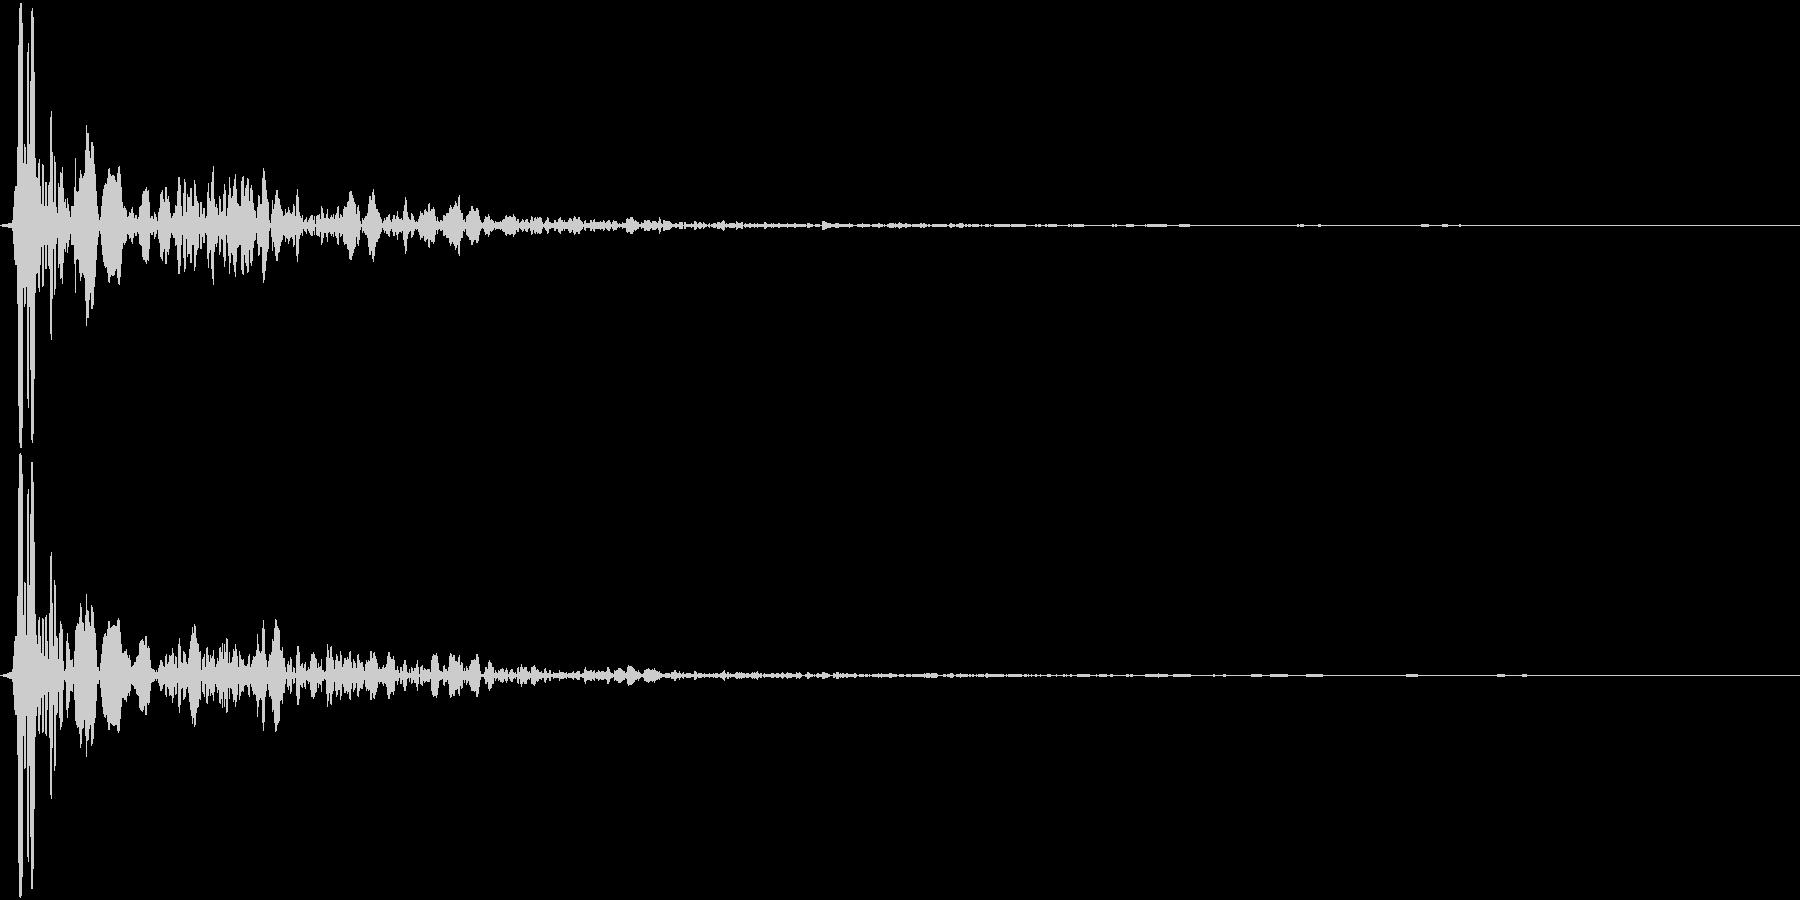 【生録音】蹴る音 キック 再現音 2の未再生の波形